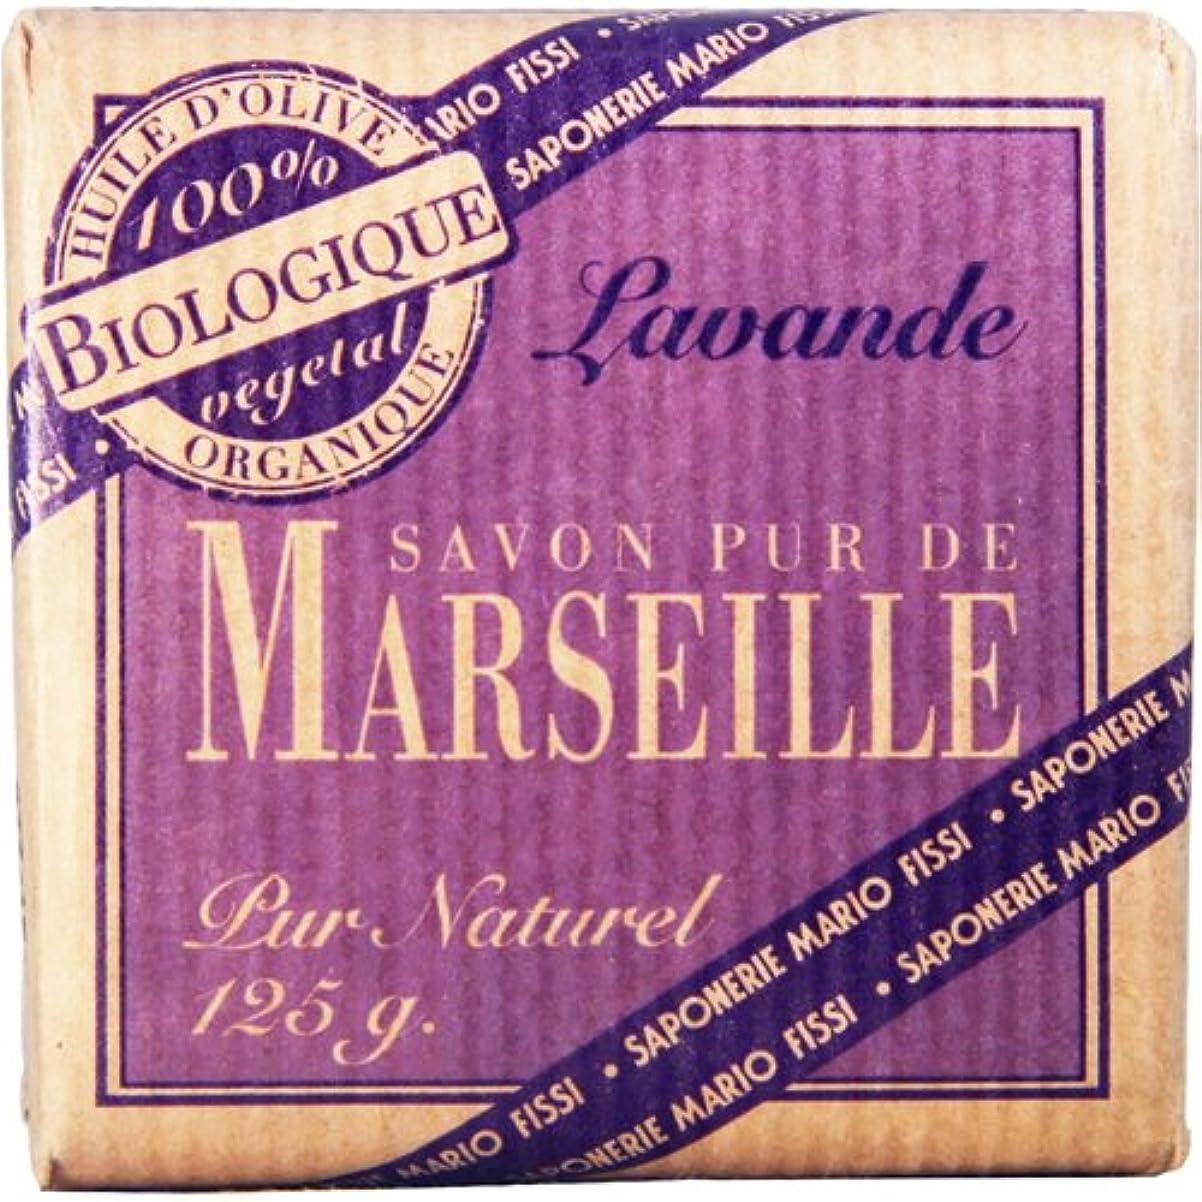 インスタント評価可能評価可能Saponerire Fissi マルセイユシリーズ マルセイユソープ 125g Lavender ラベンダー